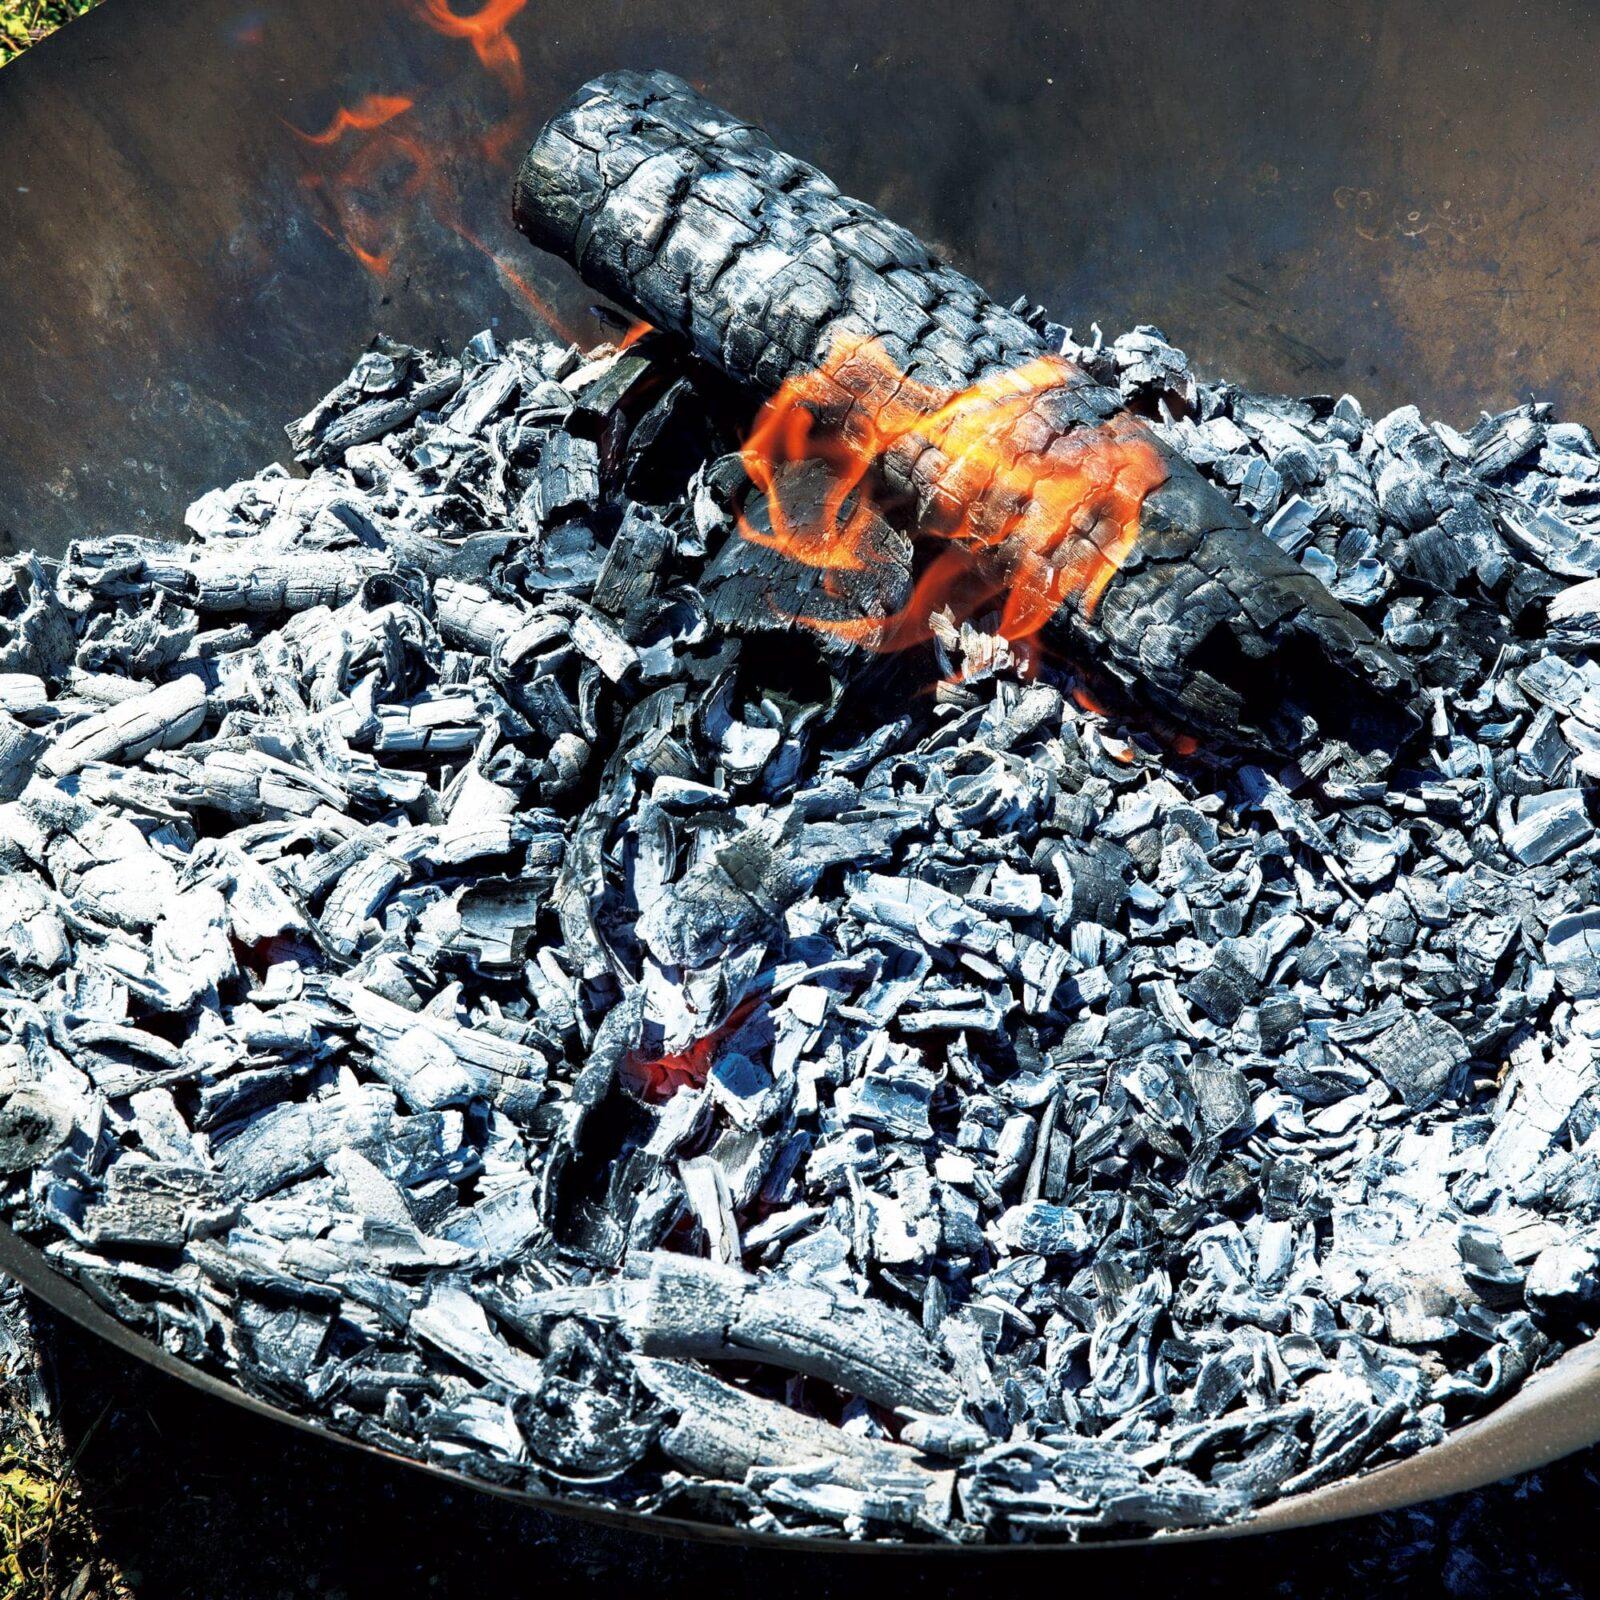 竹を燃やし1,200℃まで温度を上げて炭にし、土と混ぜることで微生物の住環境を整える。